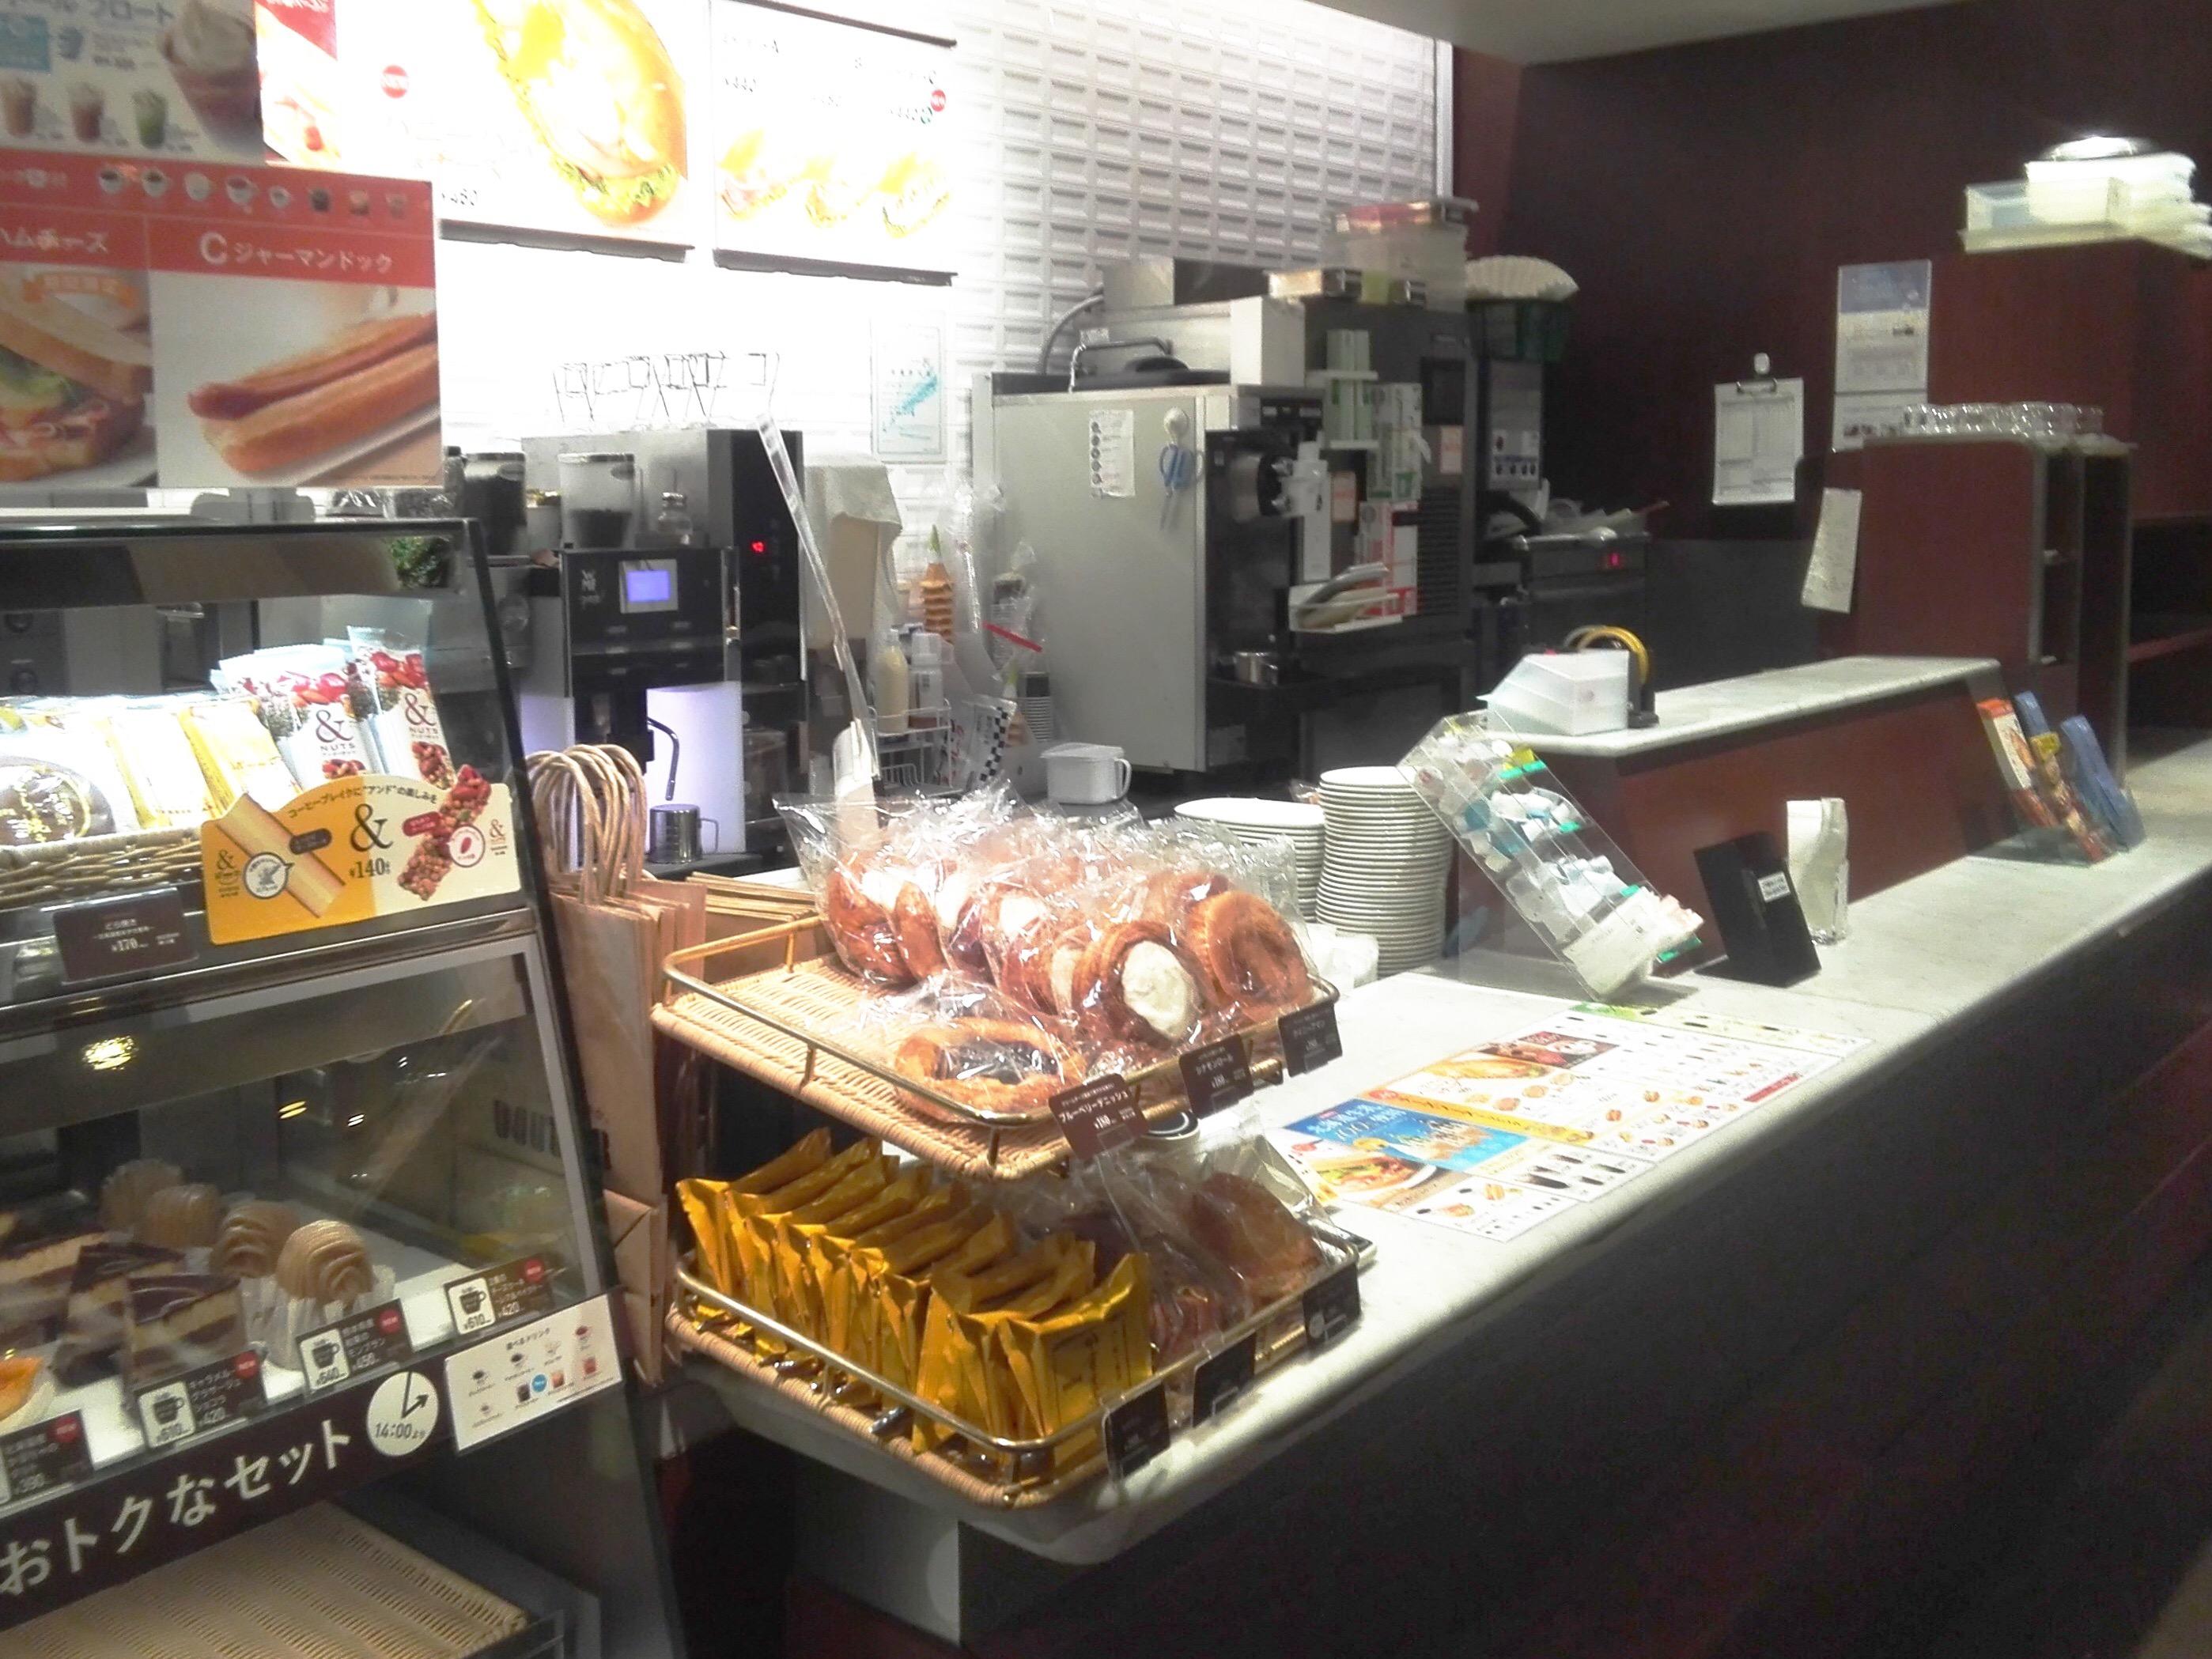 ドトール・コーヒーショップ イオン東神奈川店のレジ